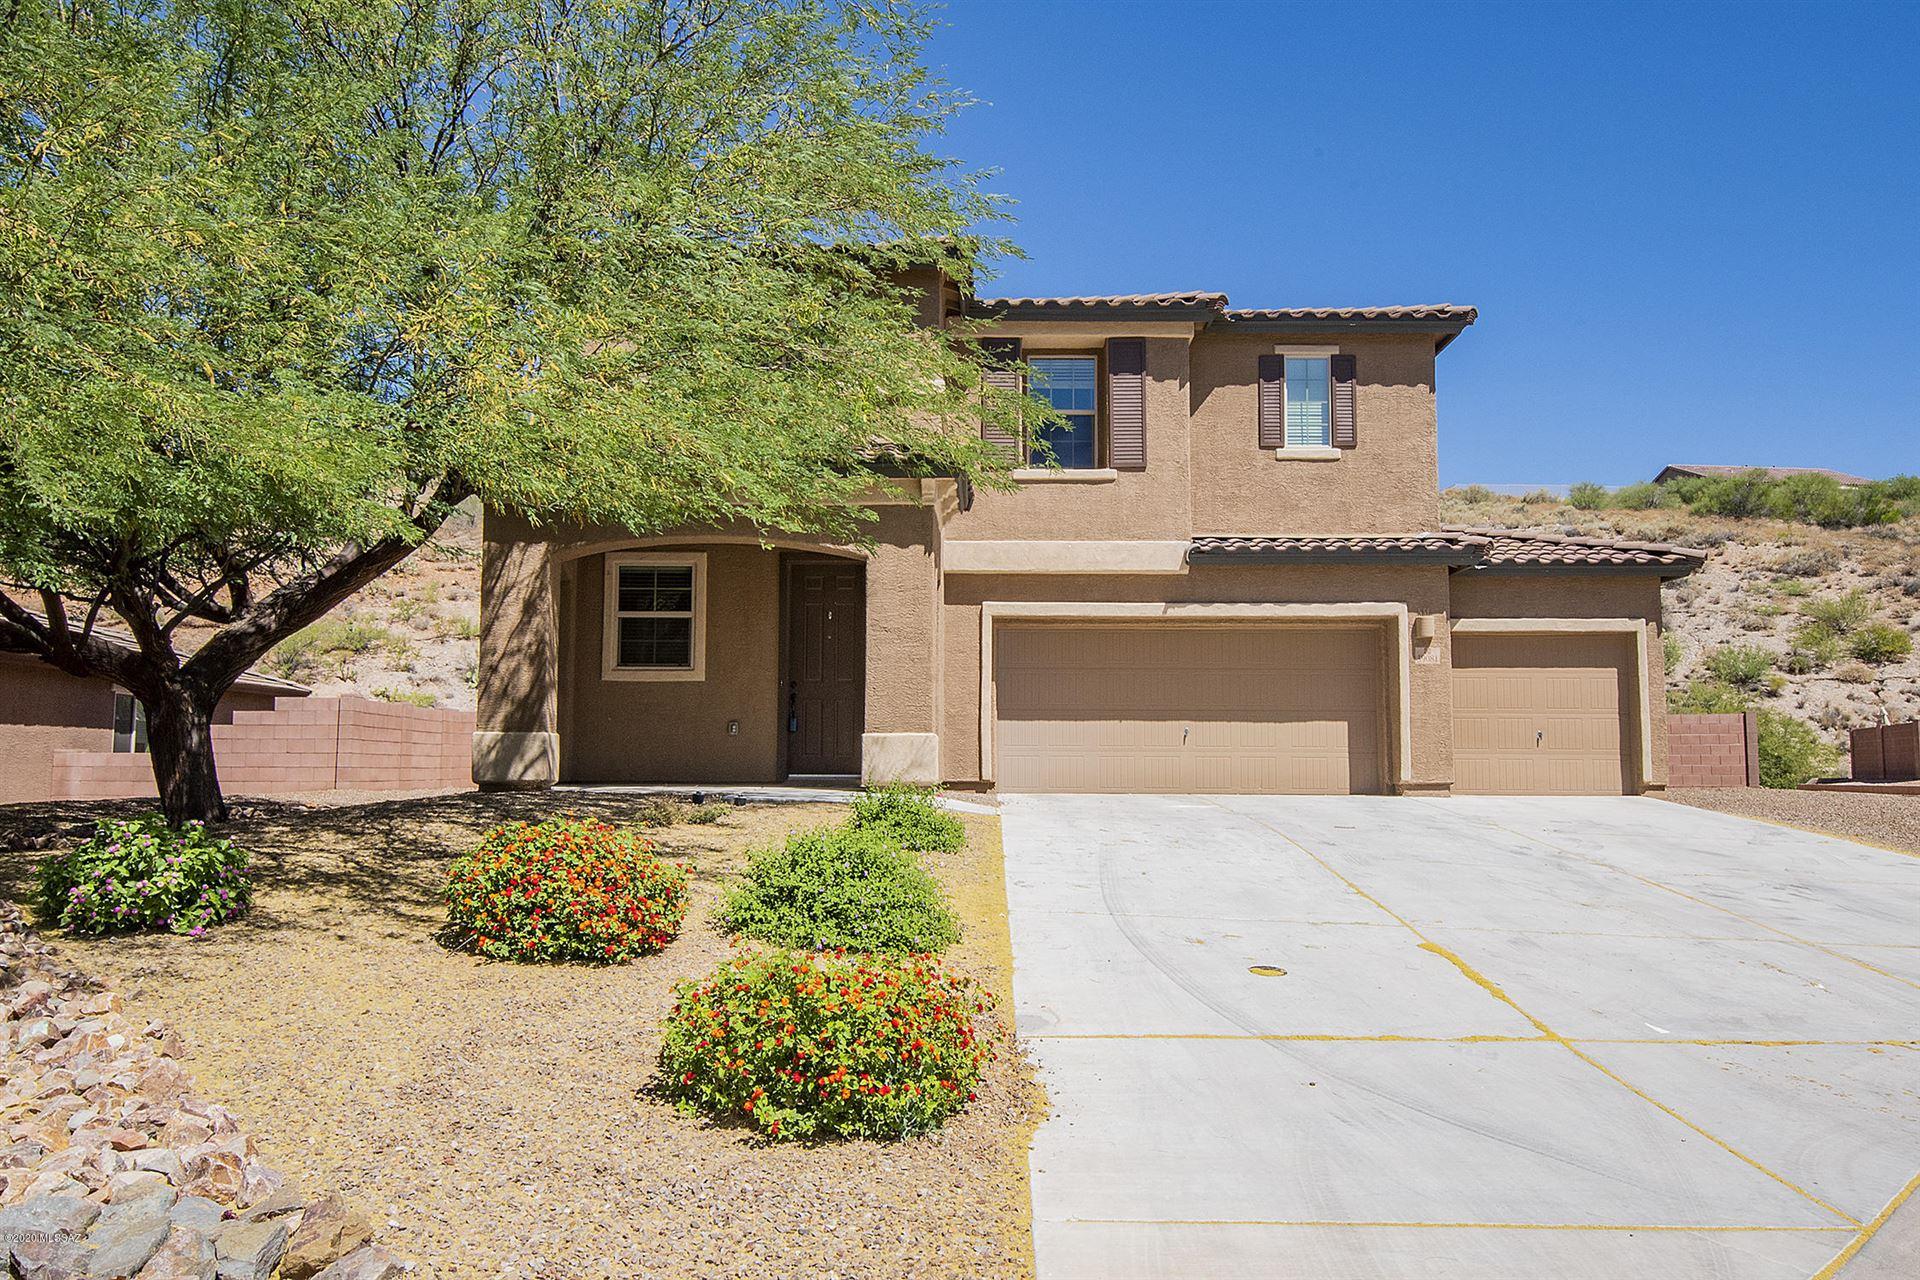 39081 S Running Roses Lane, Tucson, AZ 85739 - #: 22012929